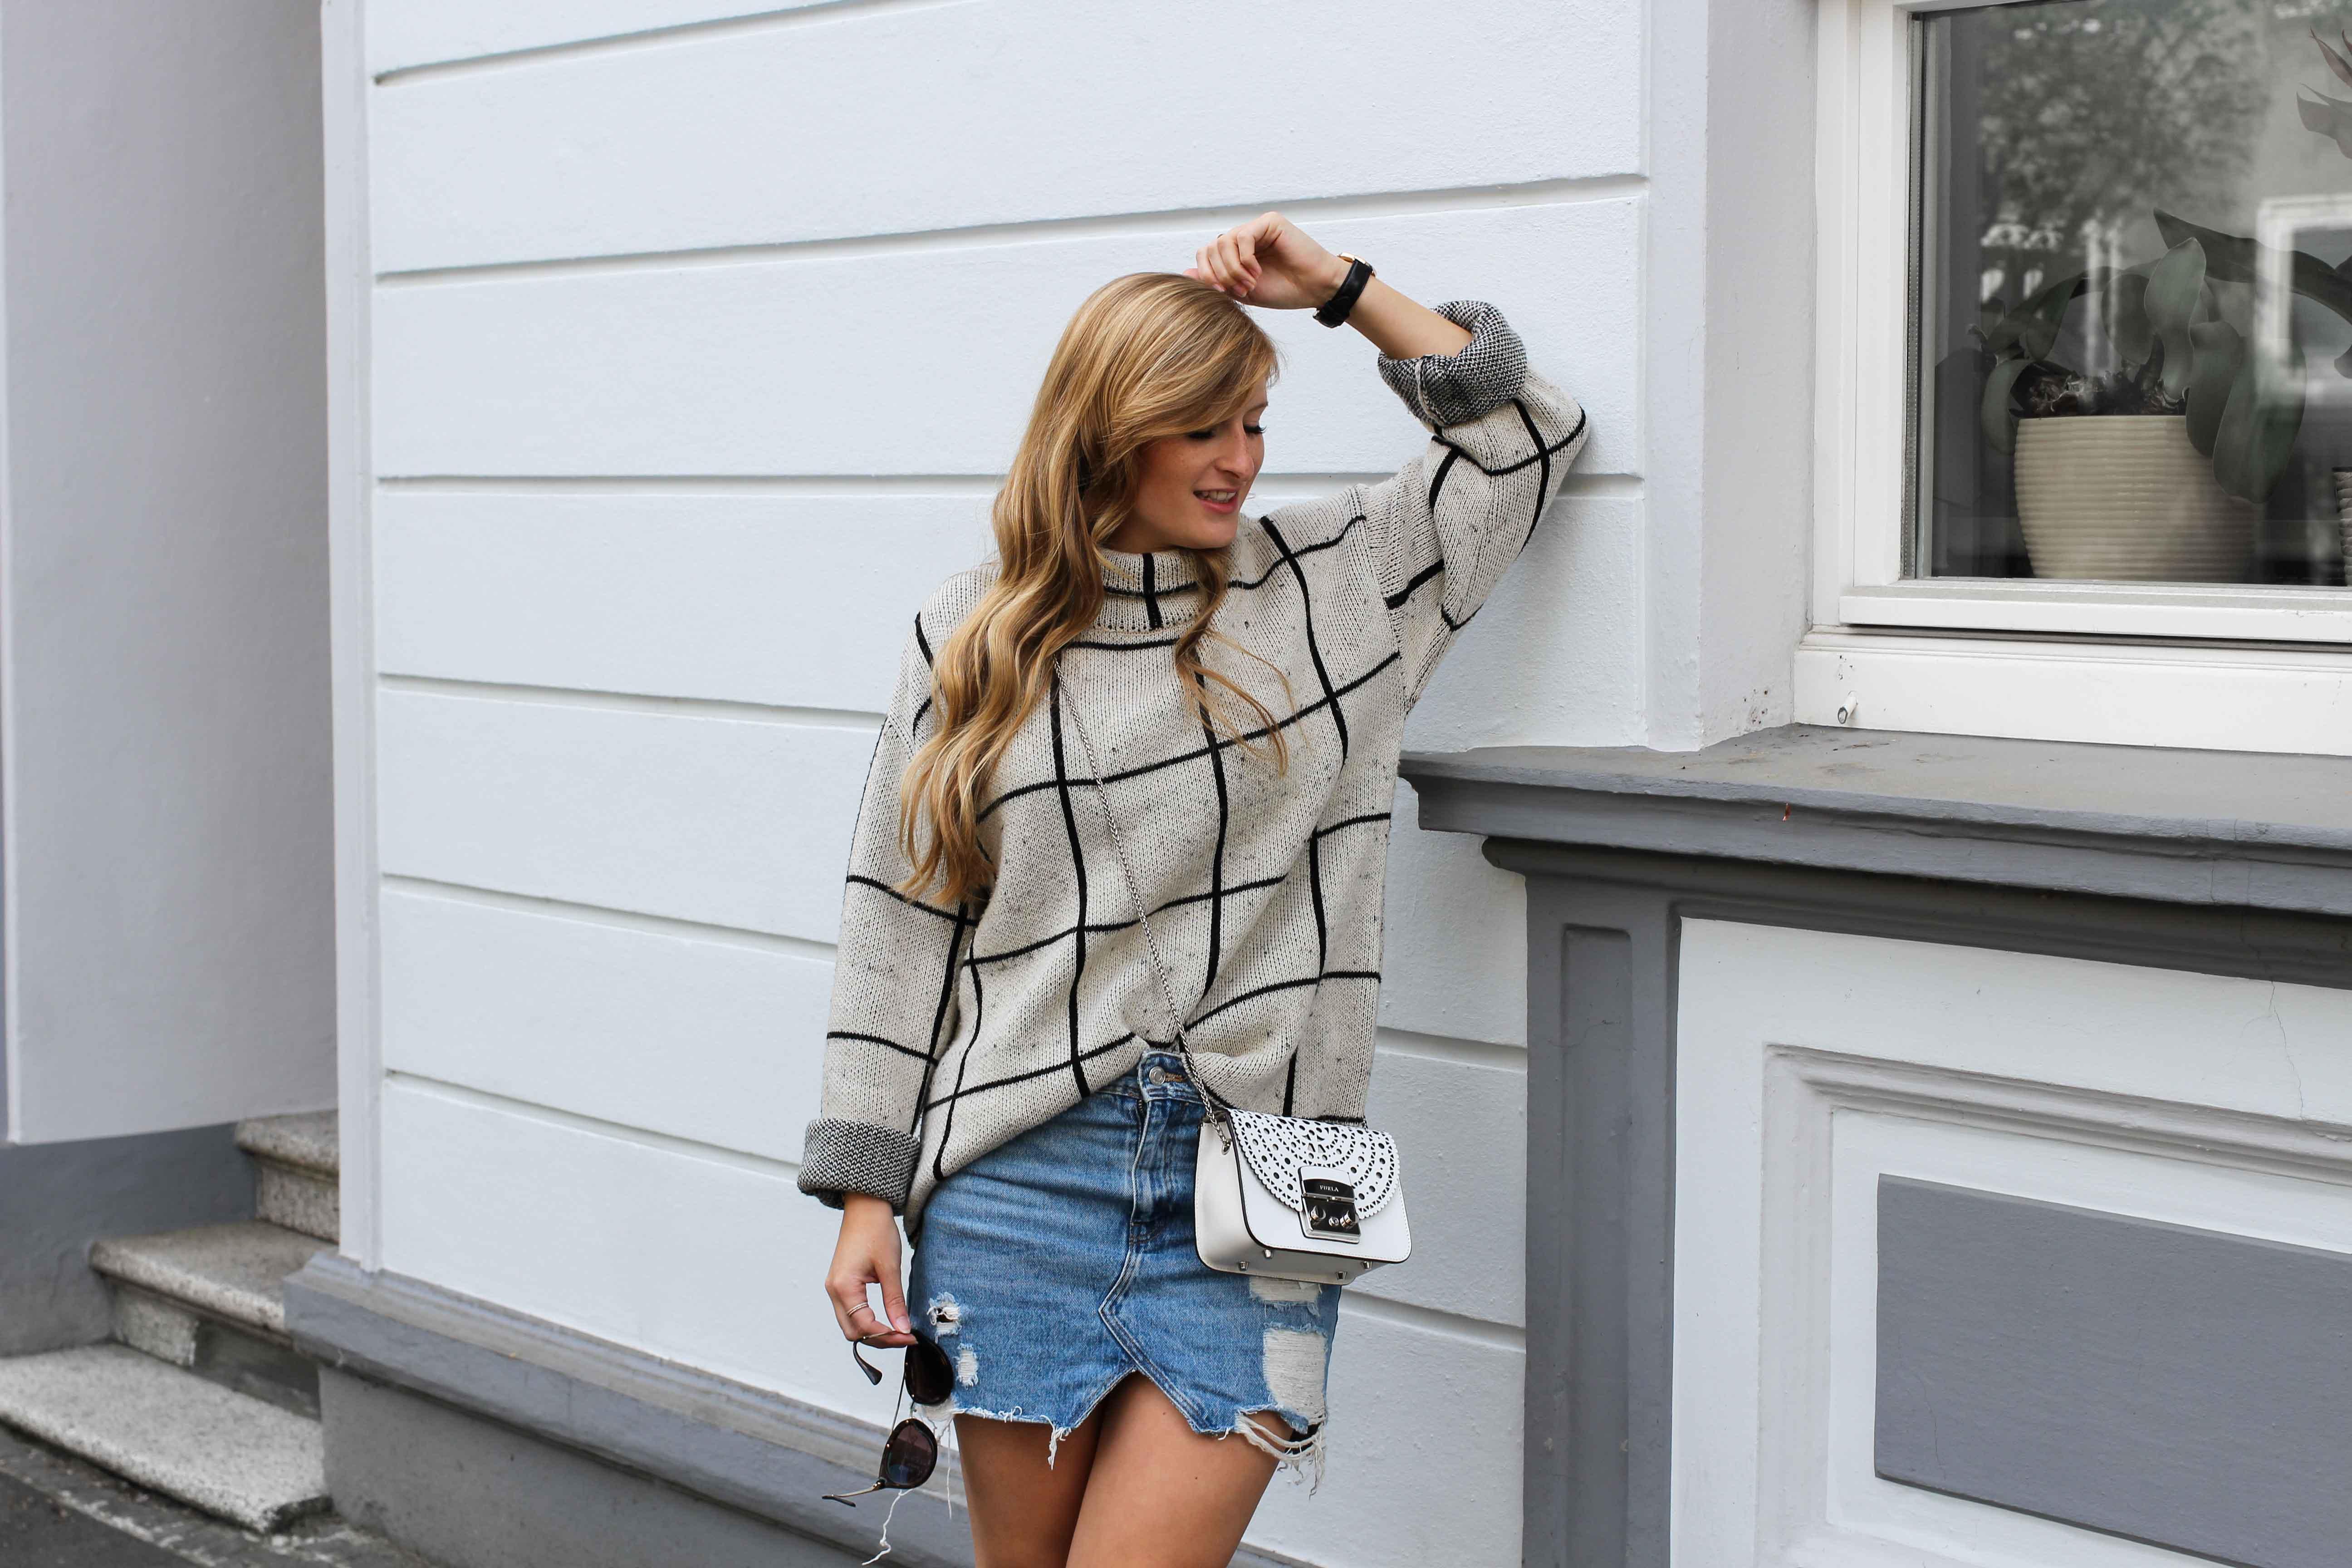 warmer Frühlingslook Rollkragenpullover Jeansrock kombinieren Sommertasche Furla Metropolis weiß Bolero Mini Crossbody Streetstyle Modeblog Bonn Outfit 7